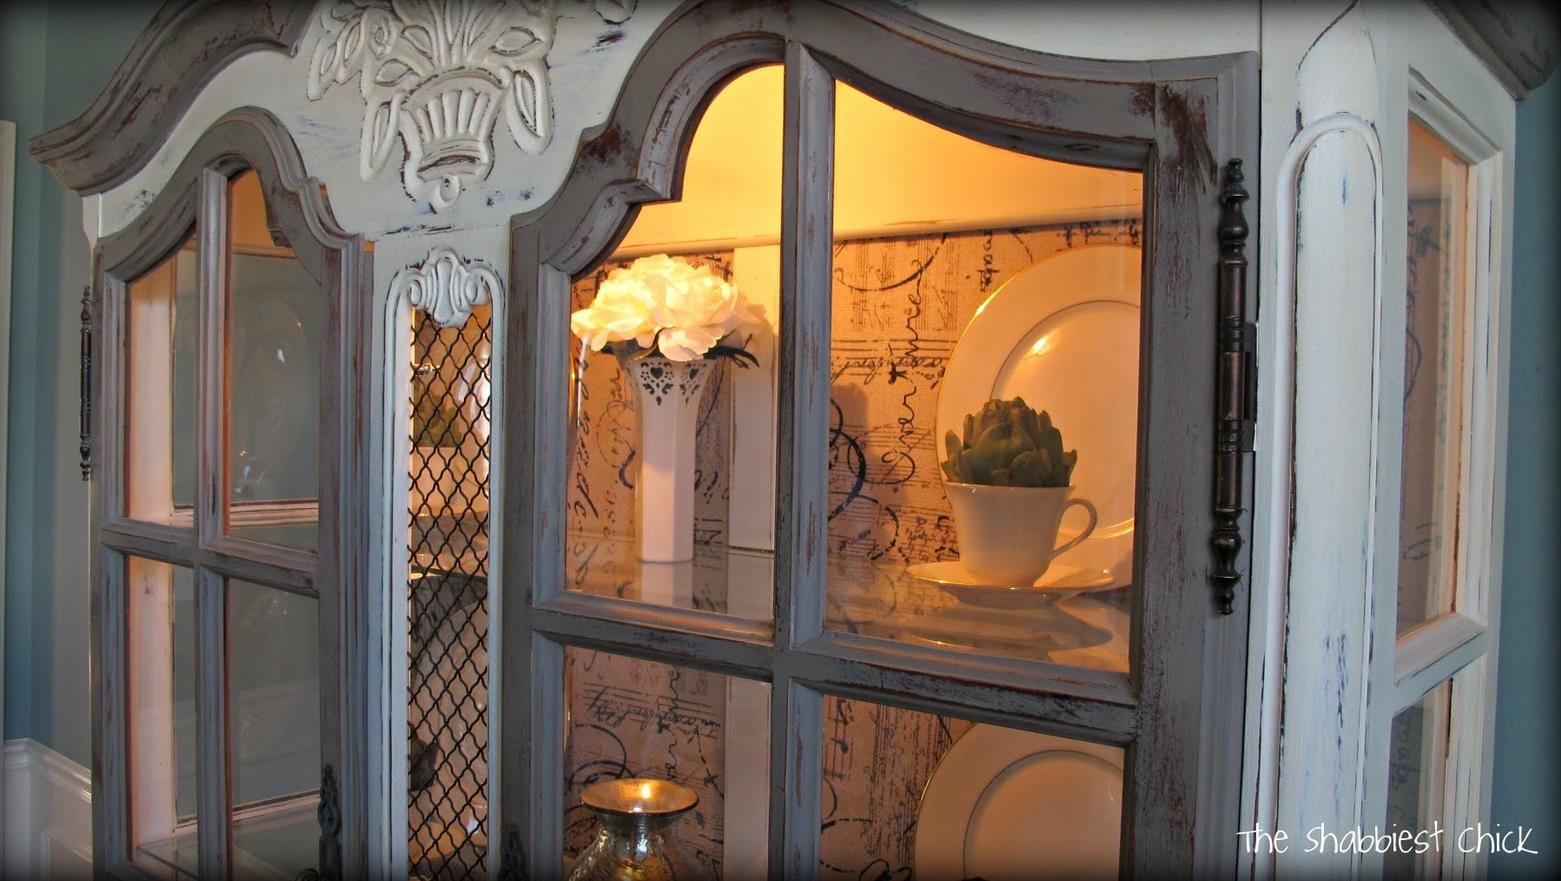 Boiserie c salviamo il salvabile - Dipingere mobili cucina vecchia ...